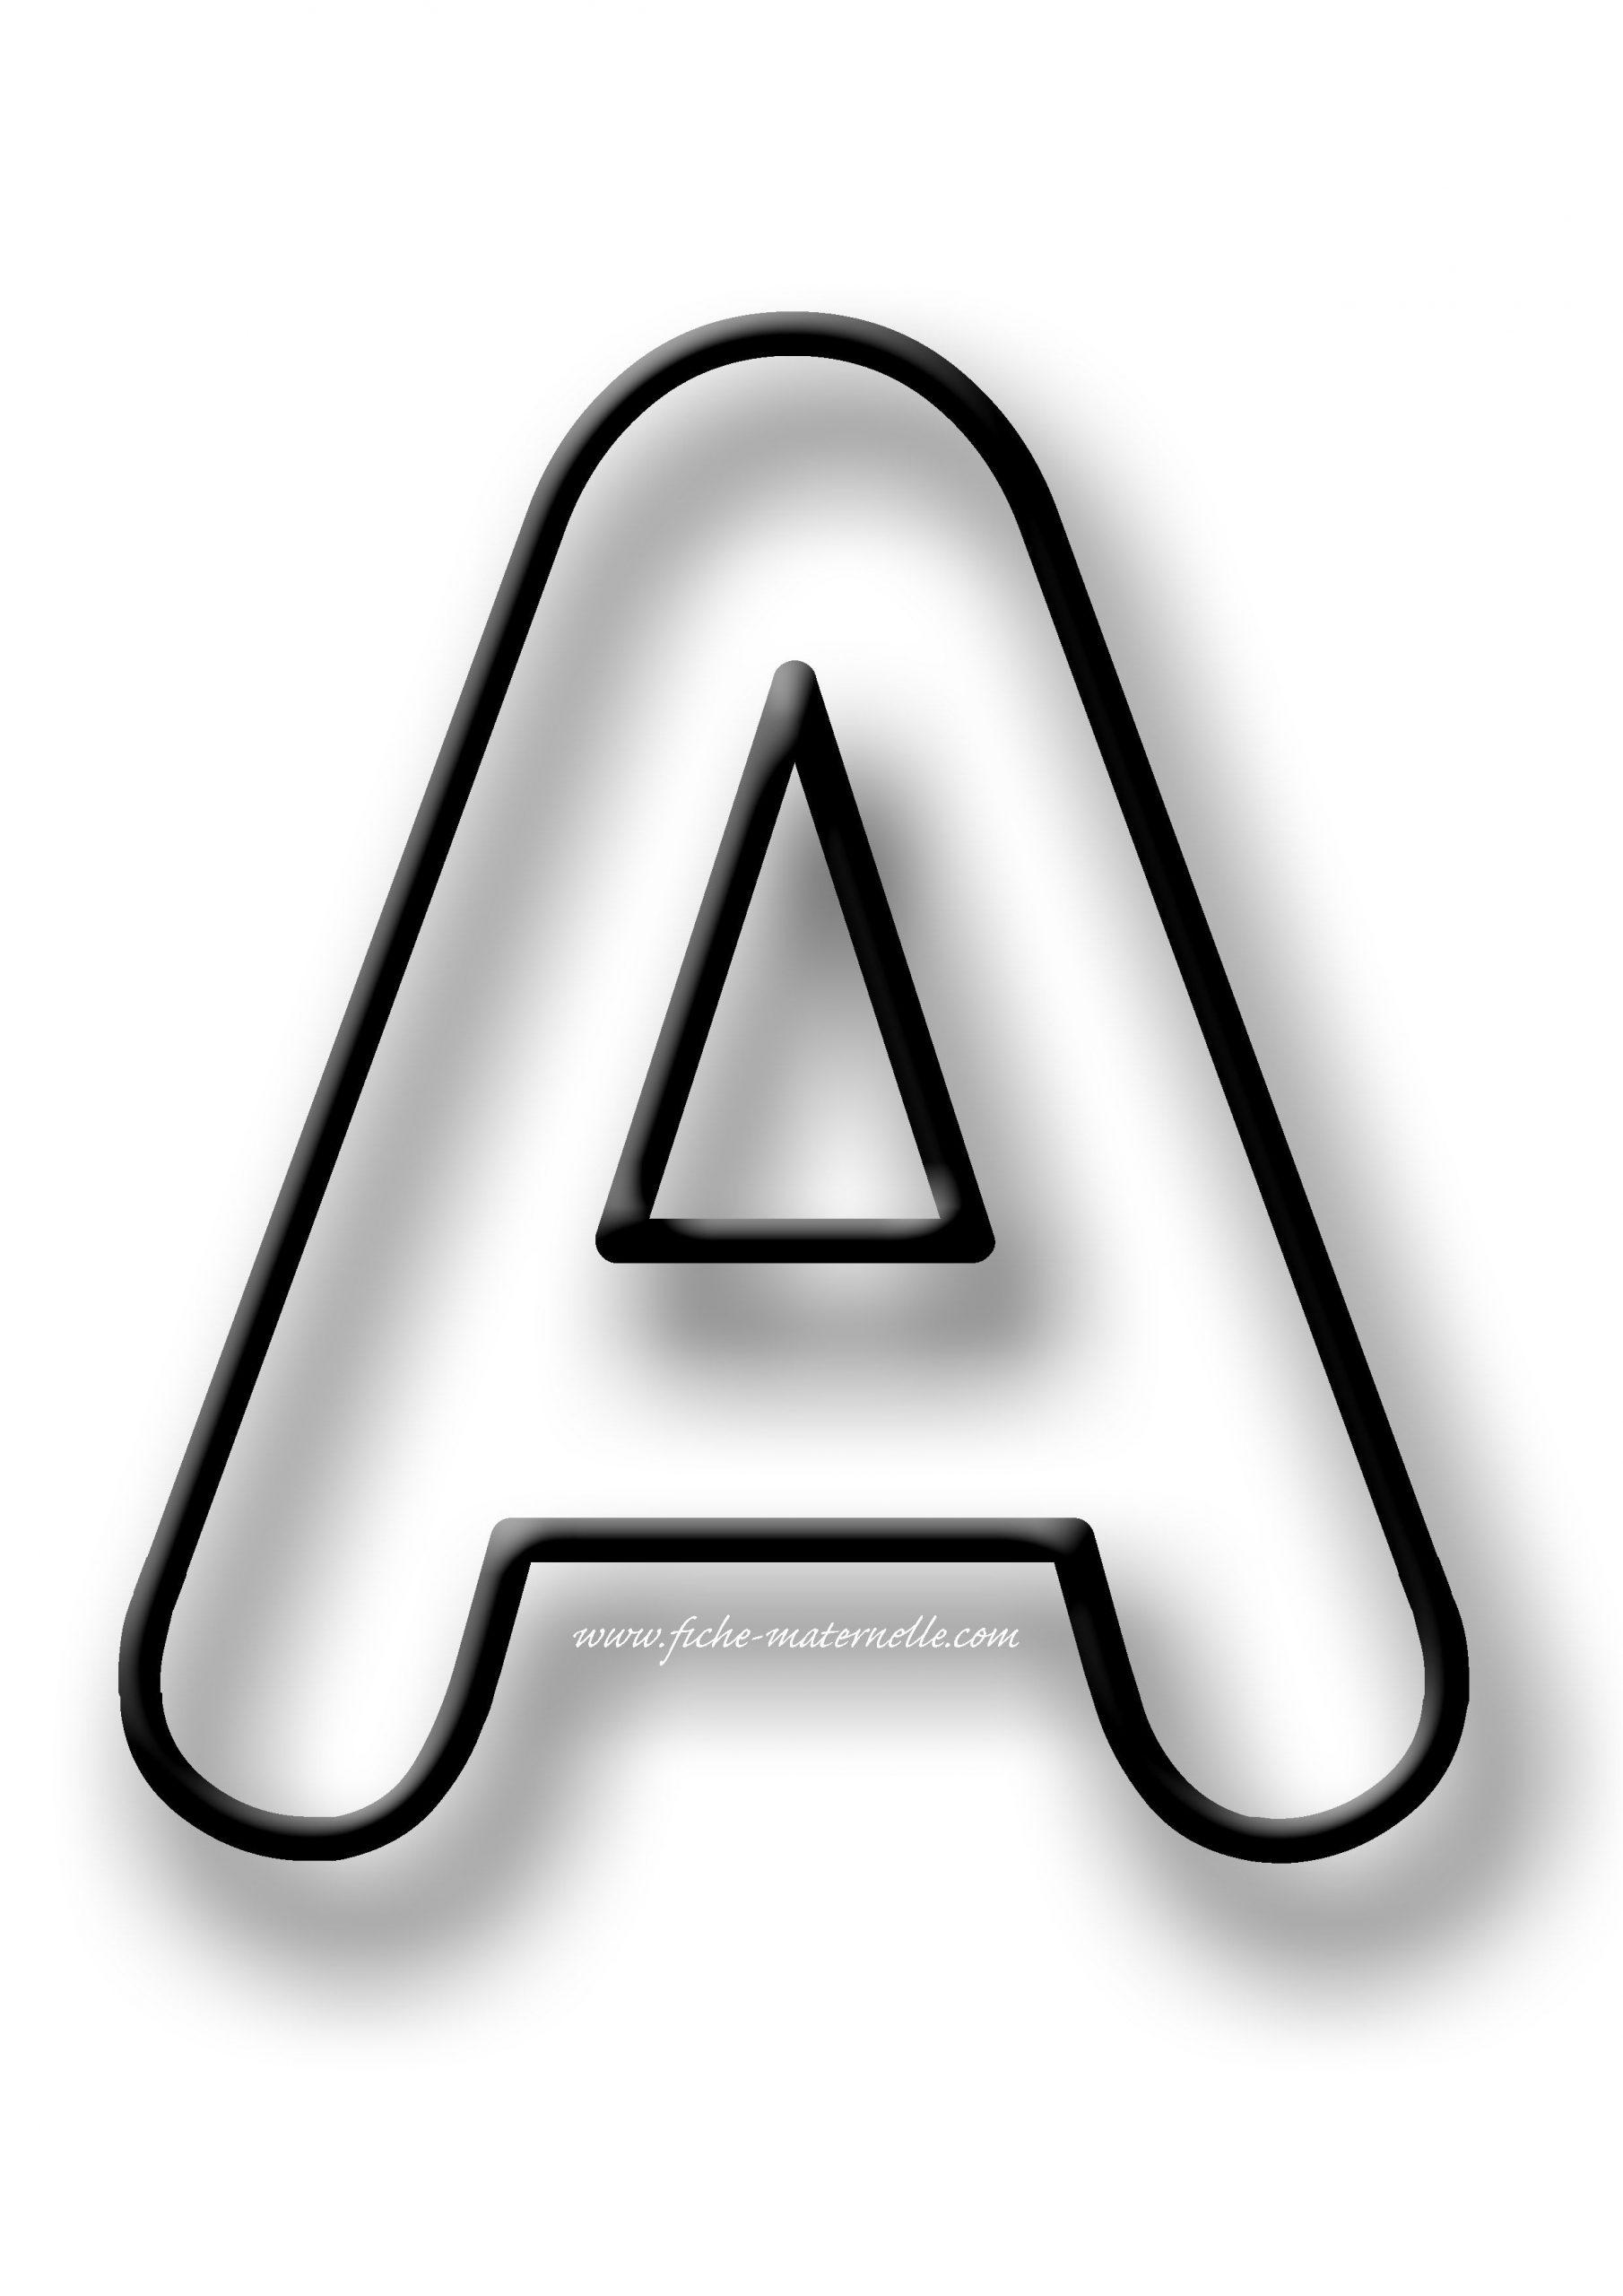 Coloriage De La Lettre A Et Des Autres Lettres De L'alphabet intérieur Coloriage D Alphabet